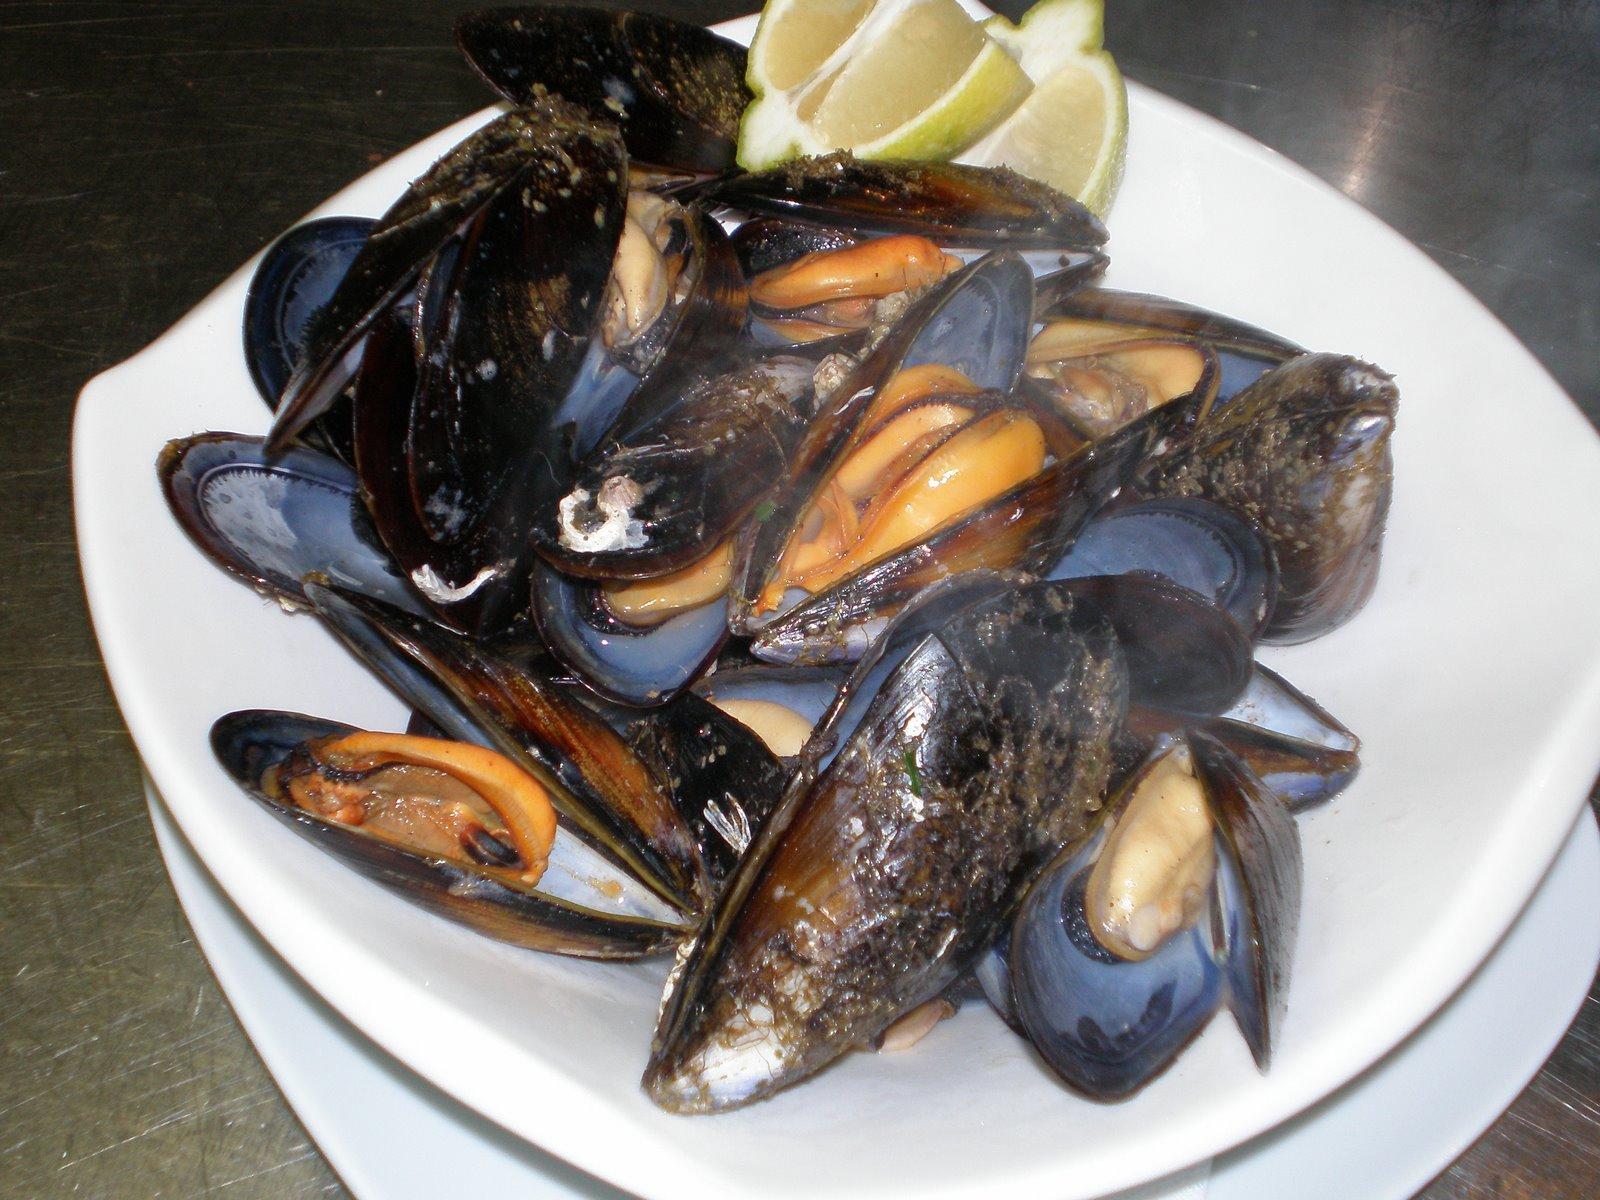 Ricetta impepata di cozze cucina napoletana napoli da viverenapoli da vivere - Ricette cucina napoletana ...